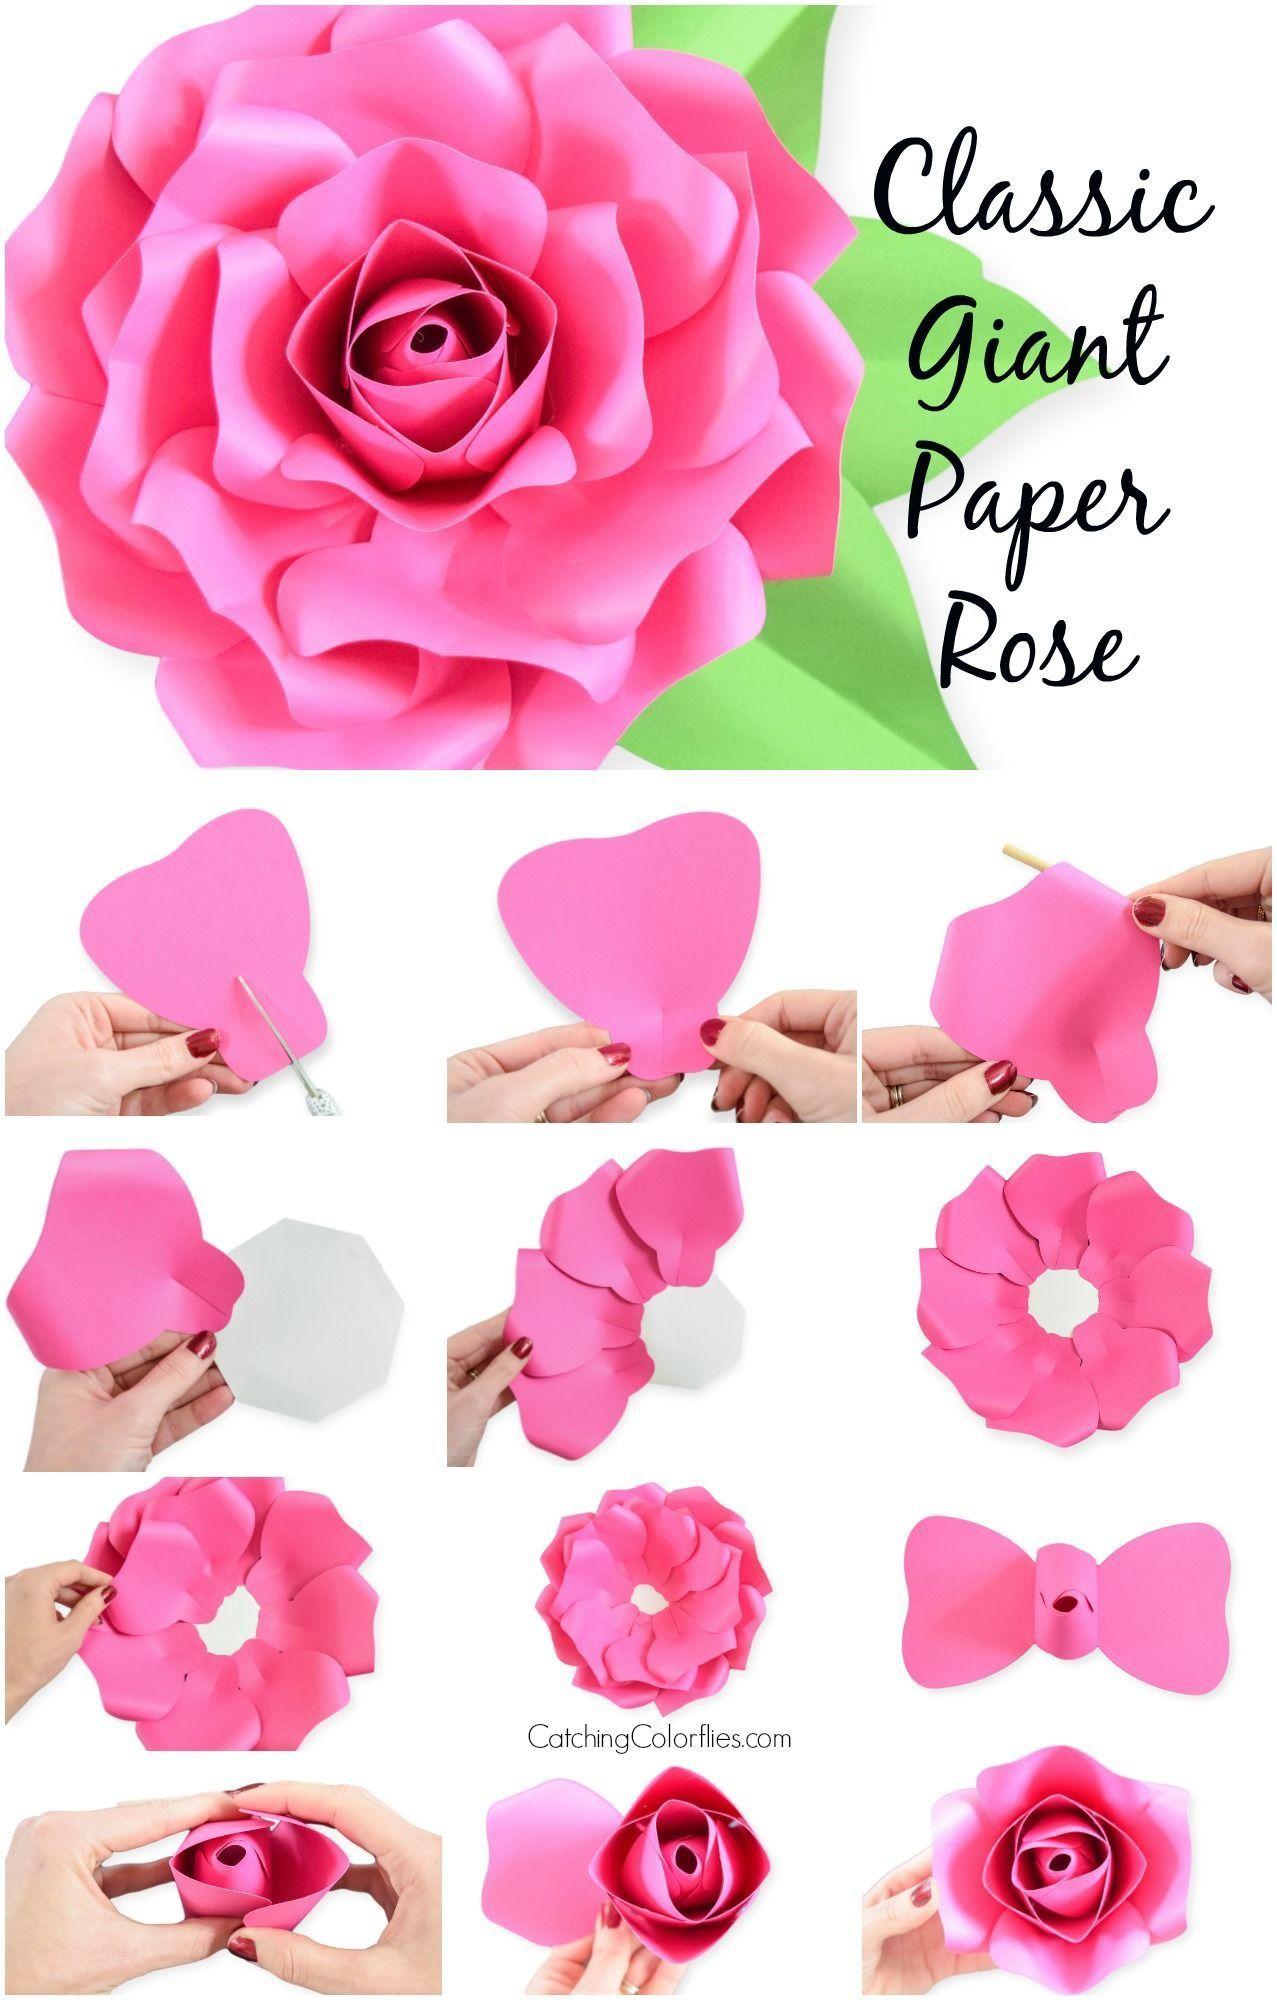 000 Incredible Free Printable Diy Paper Flower Template Design  TemplatesFull